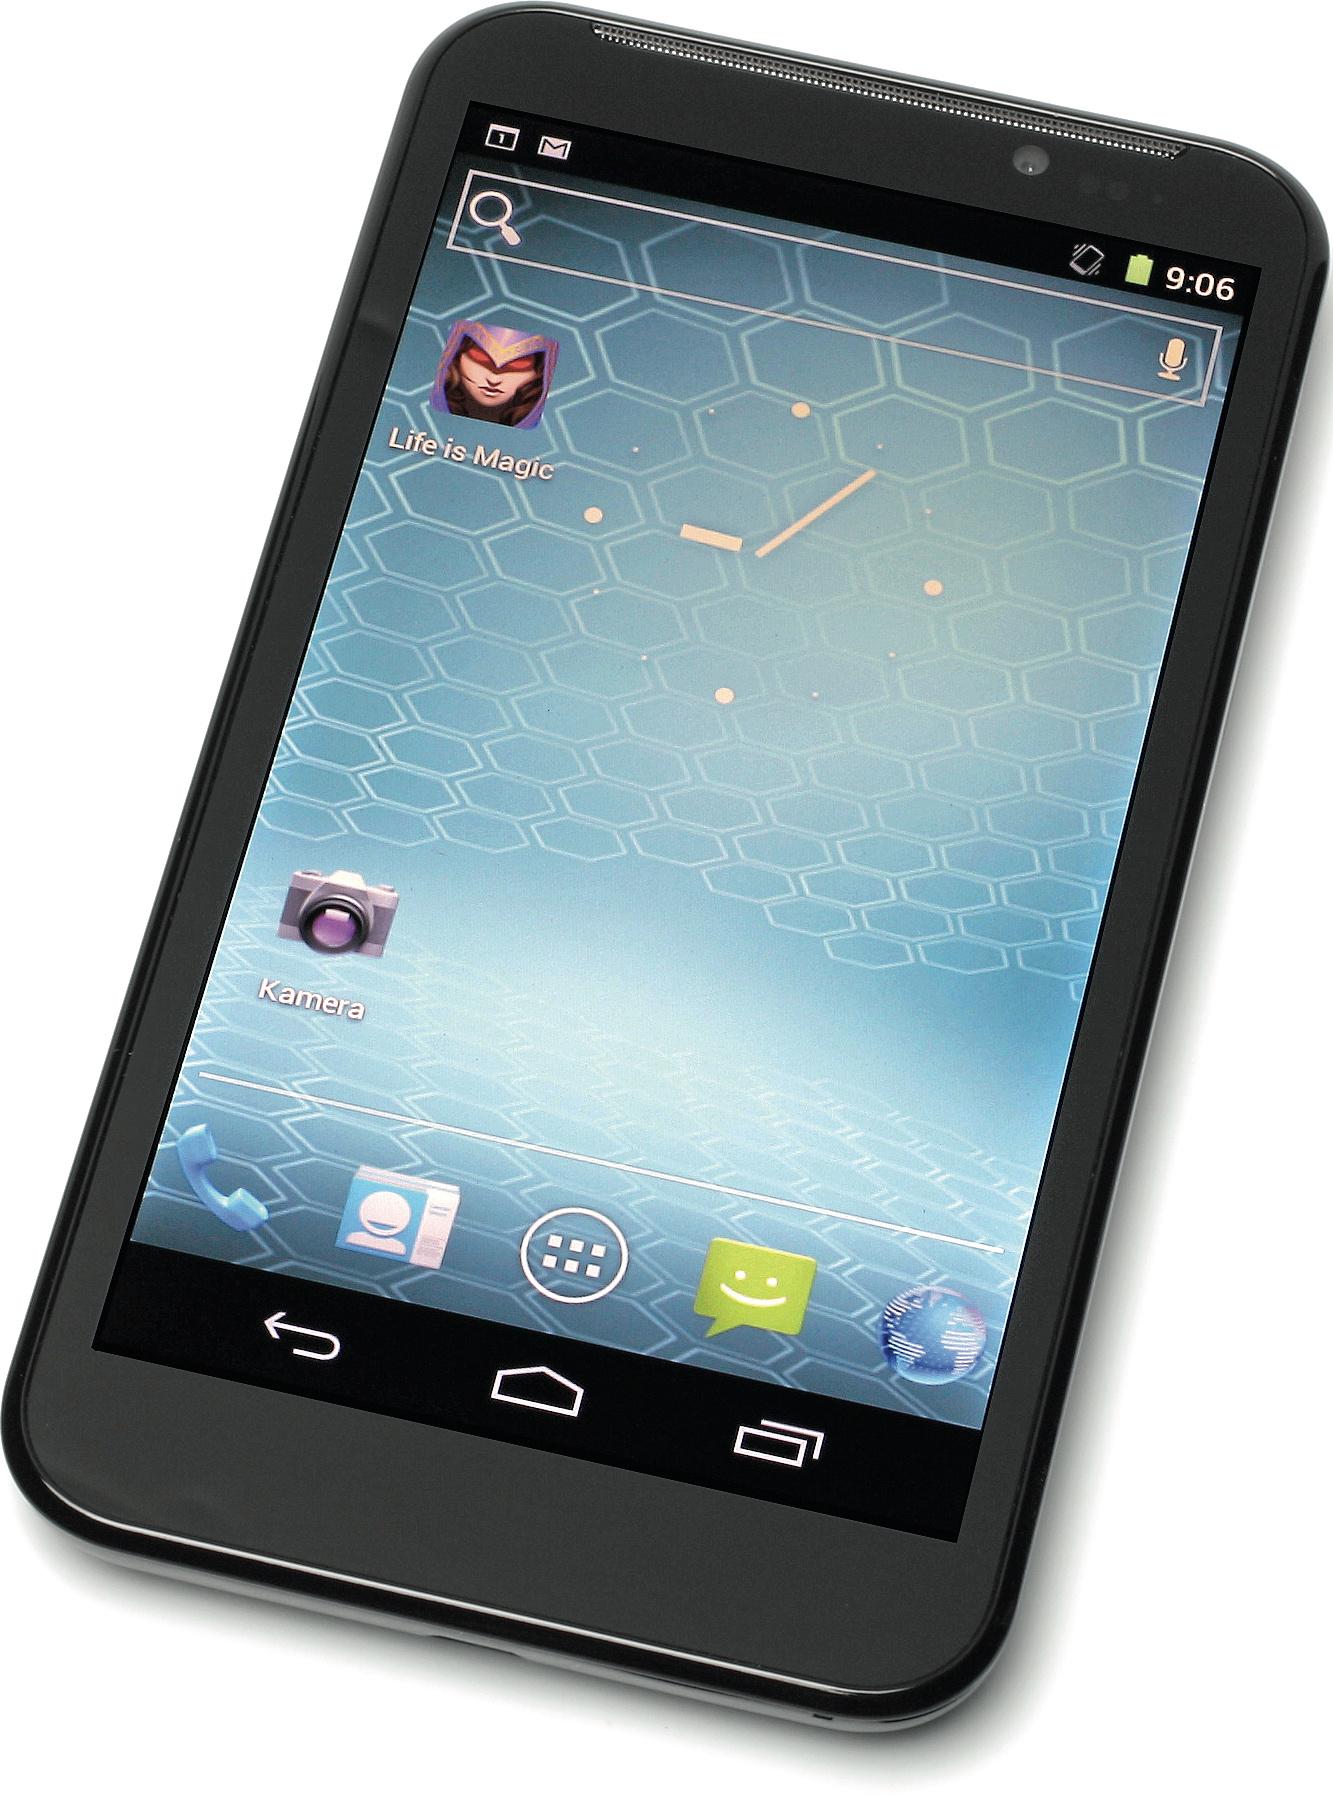 android smartphones zwischen 200 und 300 euro c 39 t magazin. Black Bedroom Furniture Sets. Home Design Ideas